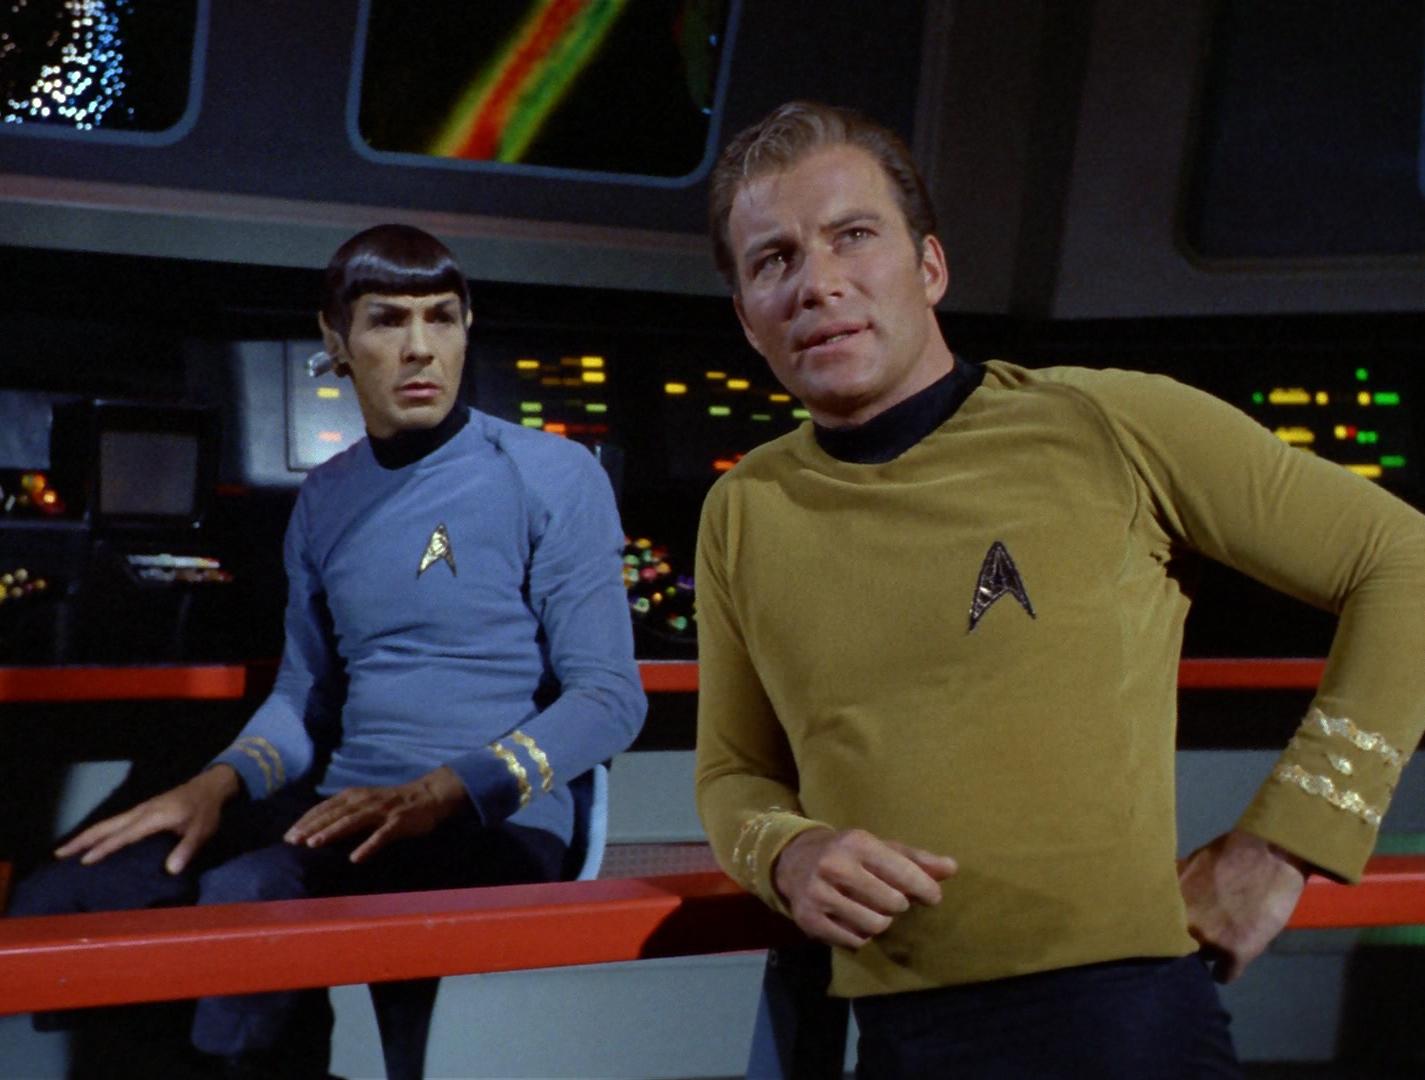 Star Trek Gene Roddenbery